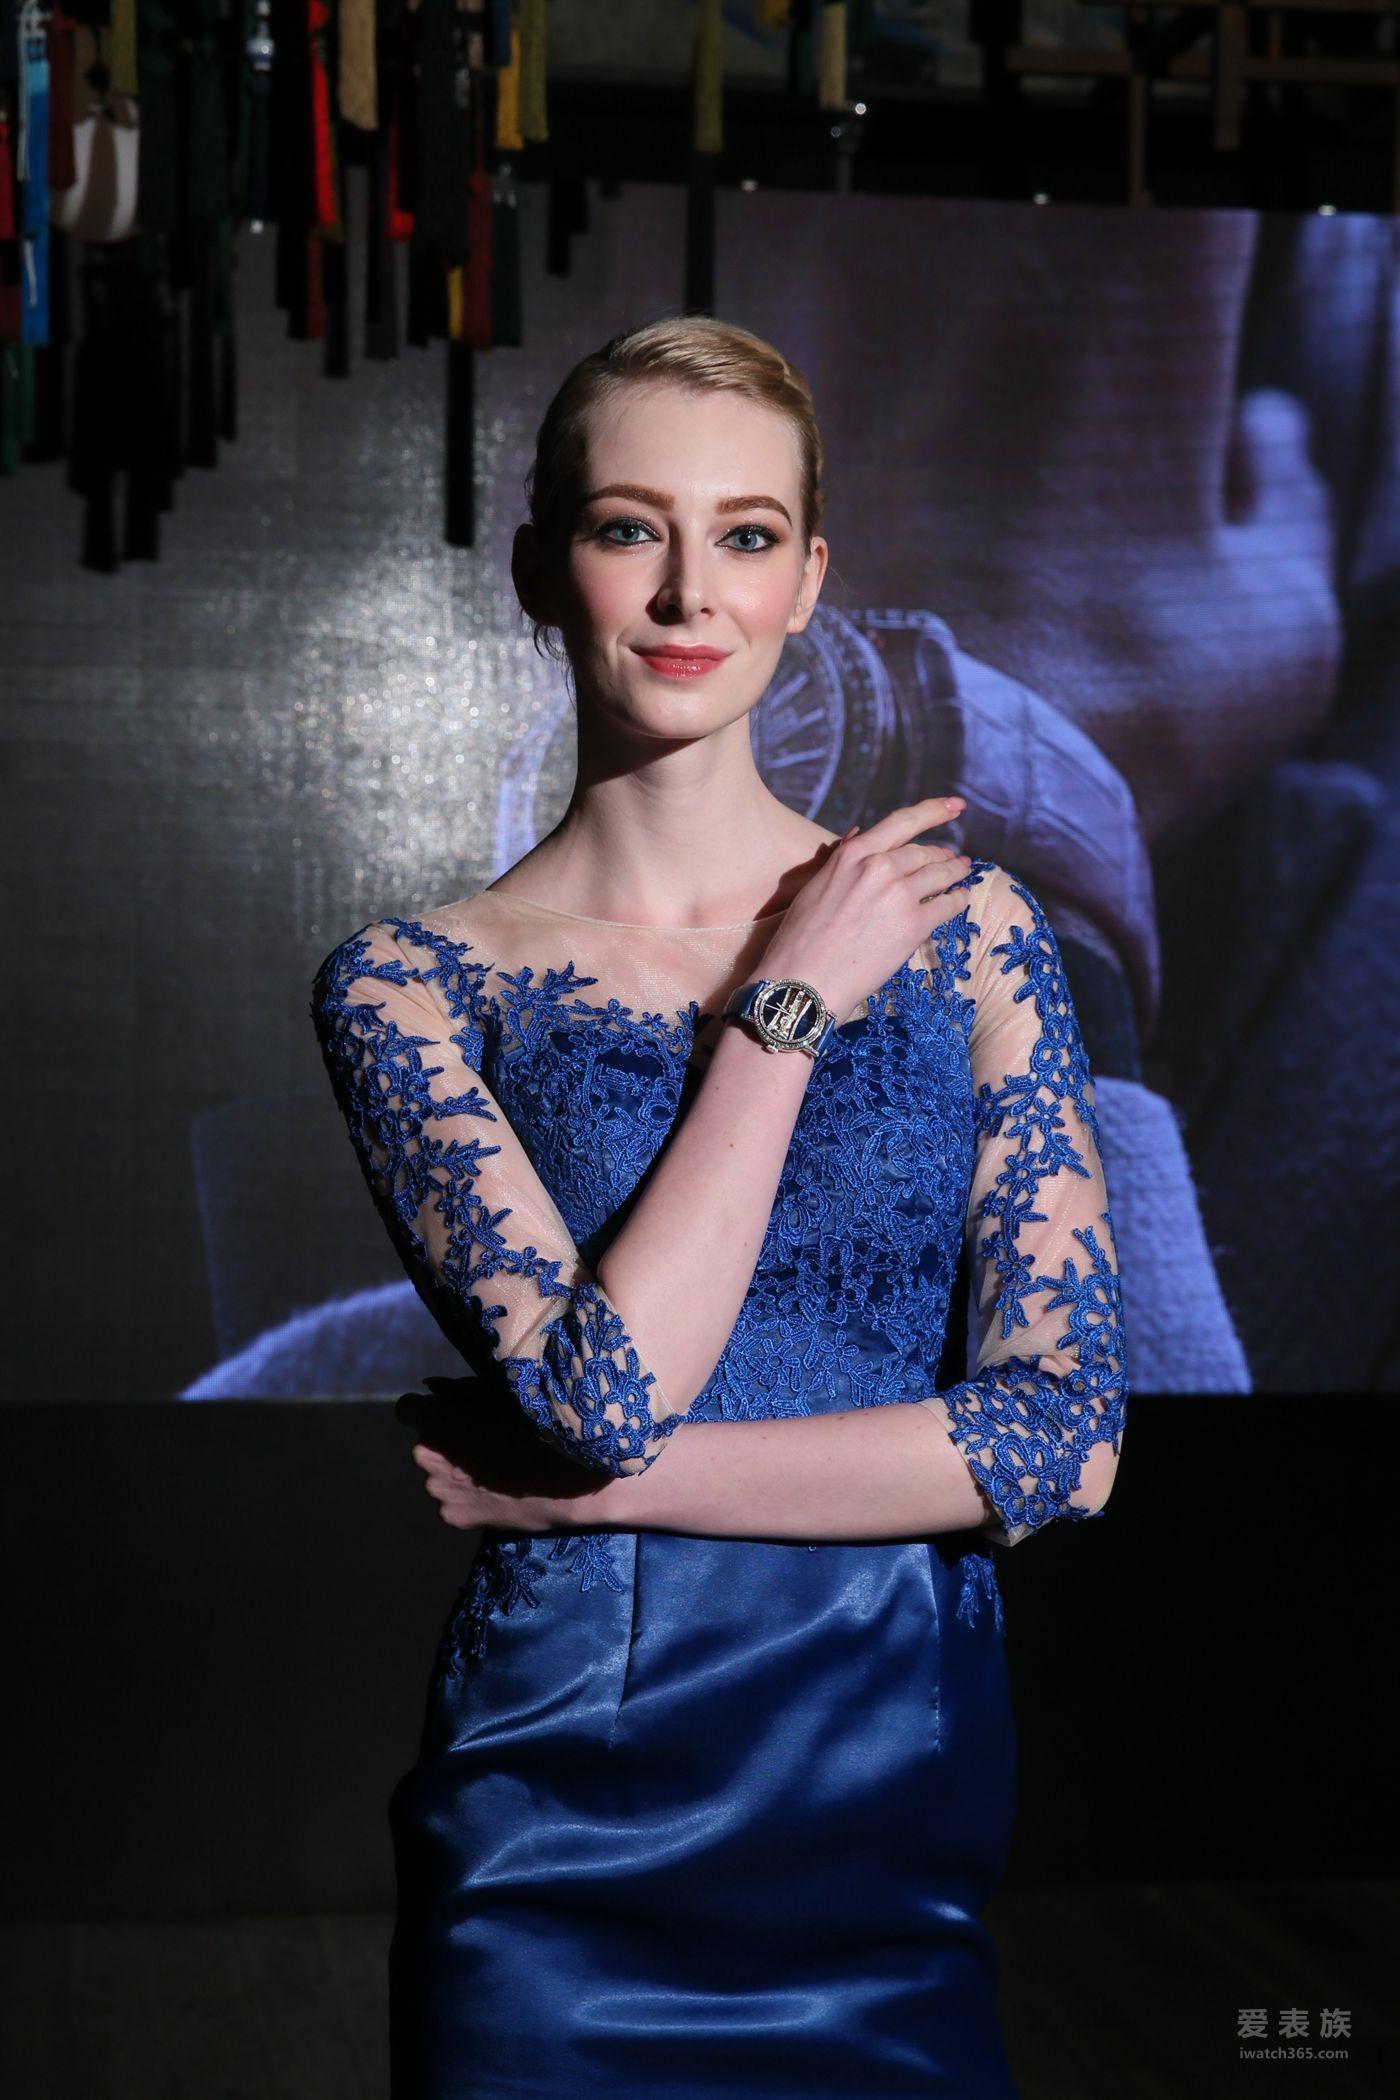 优雅奢华 从容隽永CORUM昆仑表39毫米金桥圆形腕表挚献国际妇女节